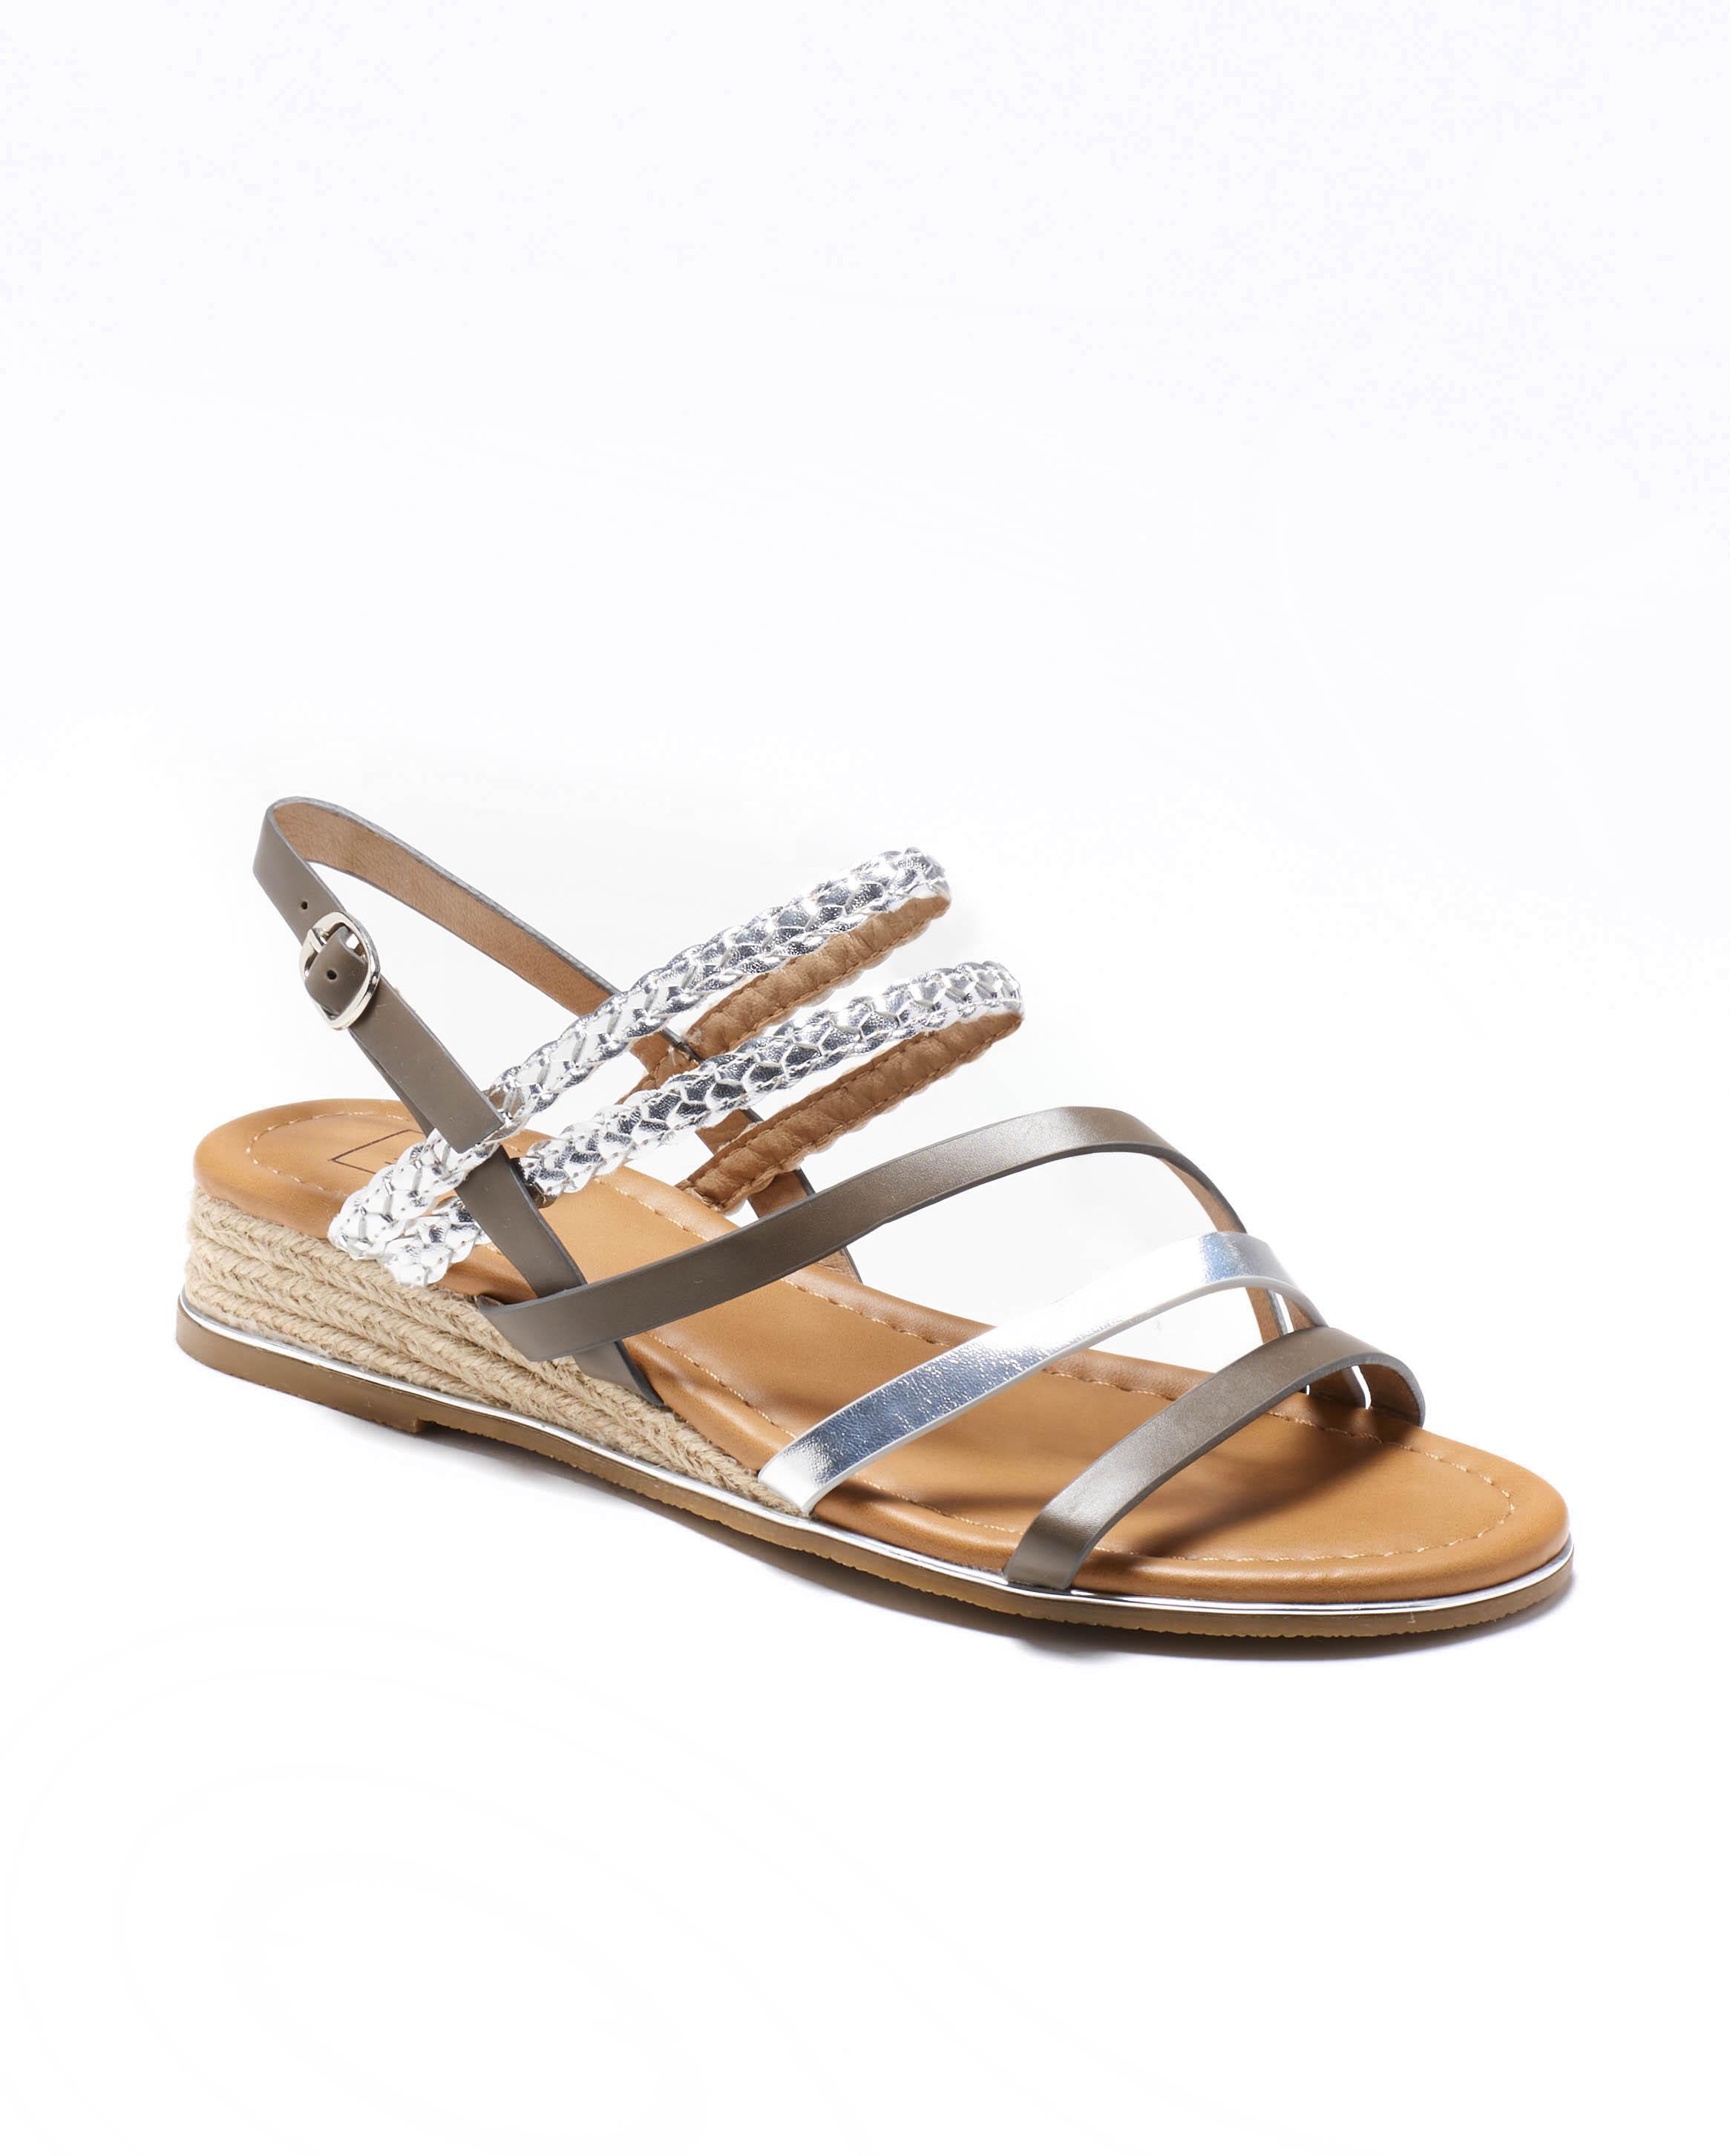 Sandales Compensées Femme - Sandale Talon Compensee Gris Jina - M20s1389-04